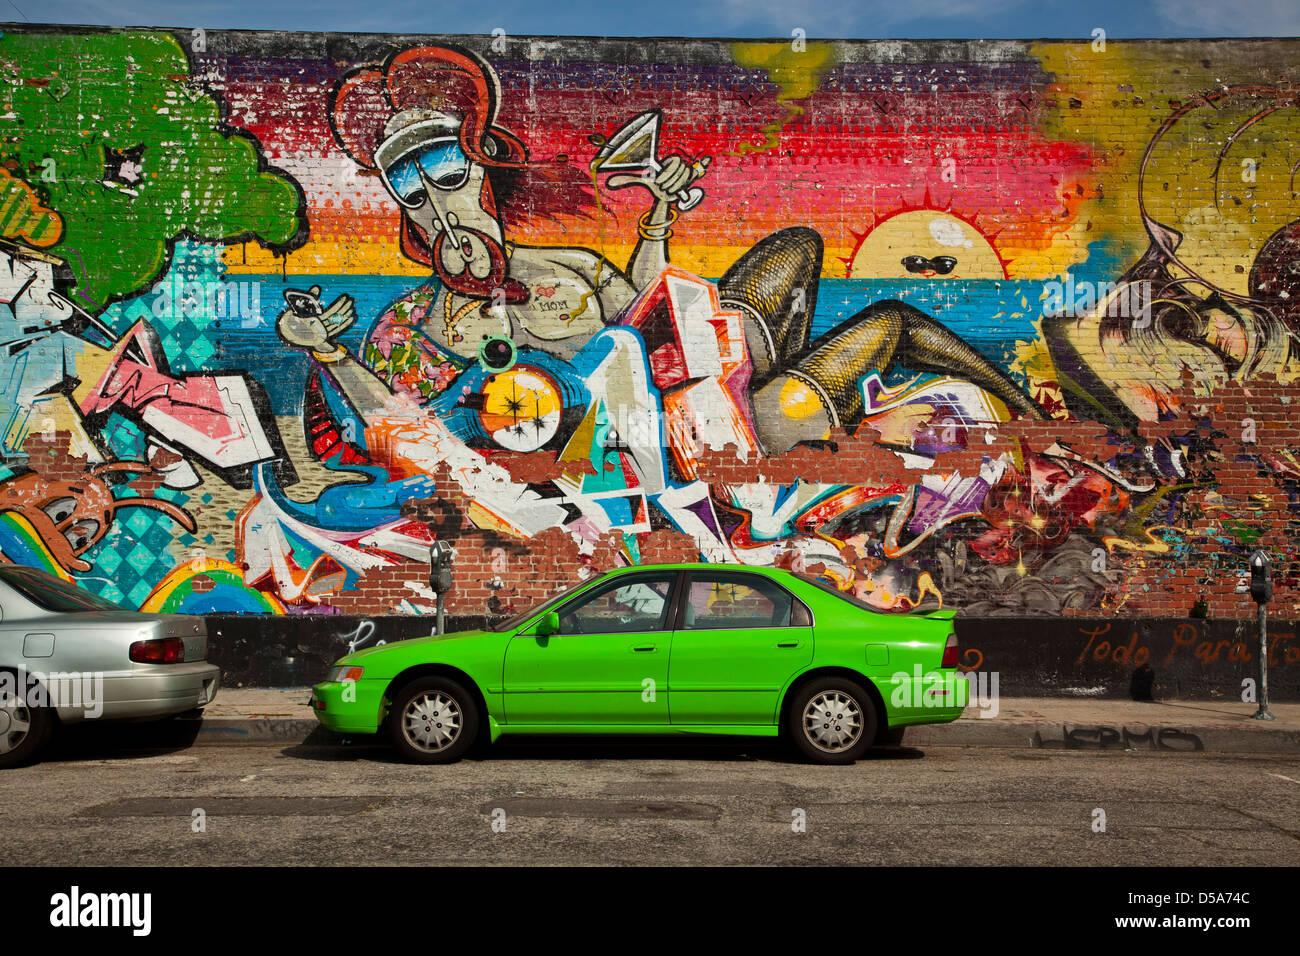 Green Car und Street Art, Arts District, downtown Los Angeles, California, Vereinigte Staaten Stockbild